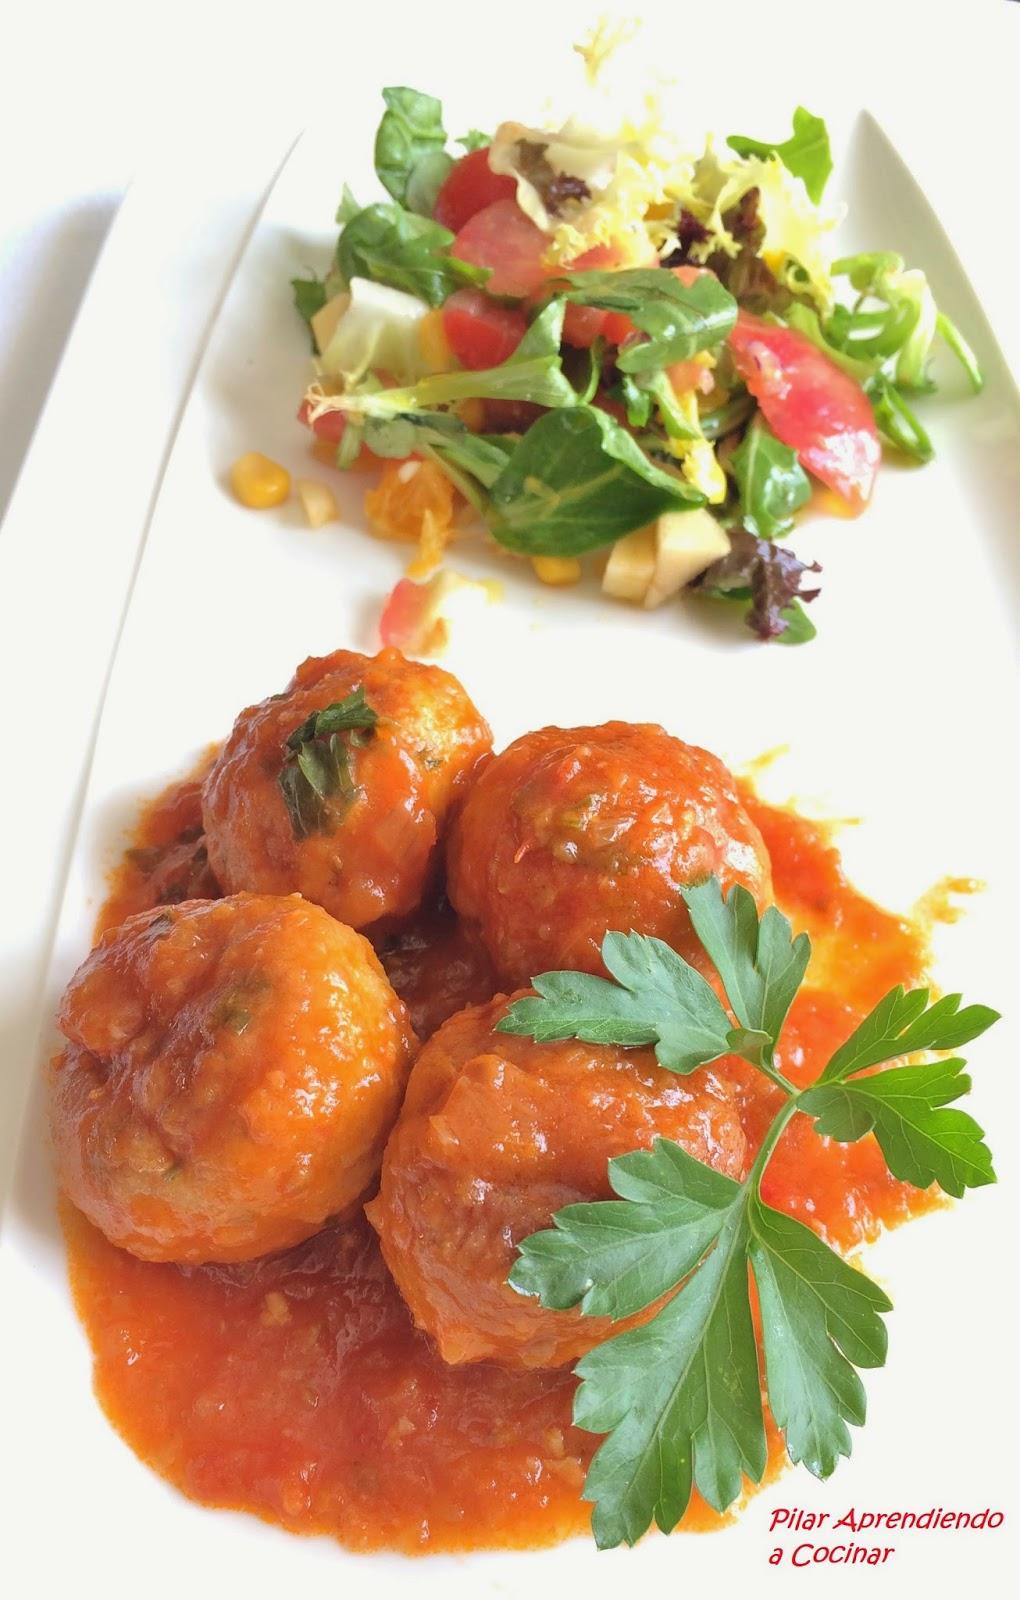 Aprendiendo a cocinar alb ndigas de merluza y gambas en salsa de tomate frito casero - Cocinar merluza en salsa ...